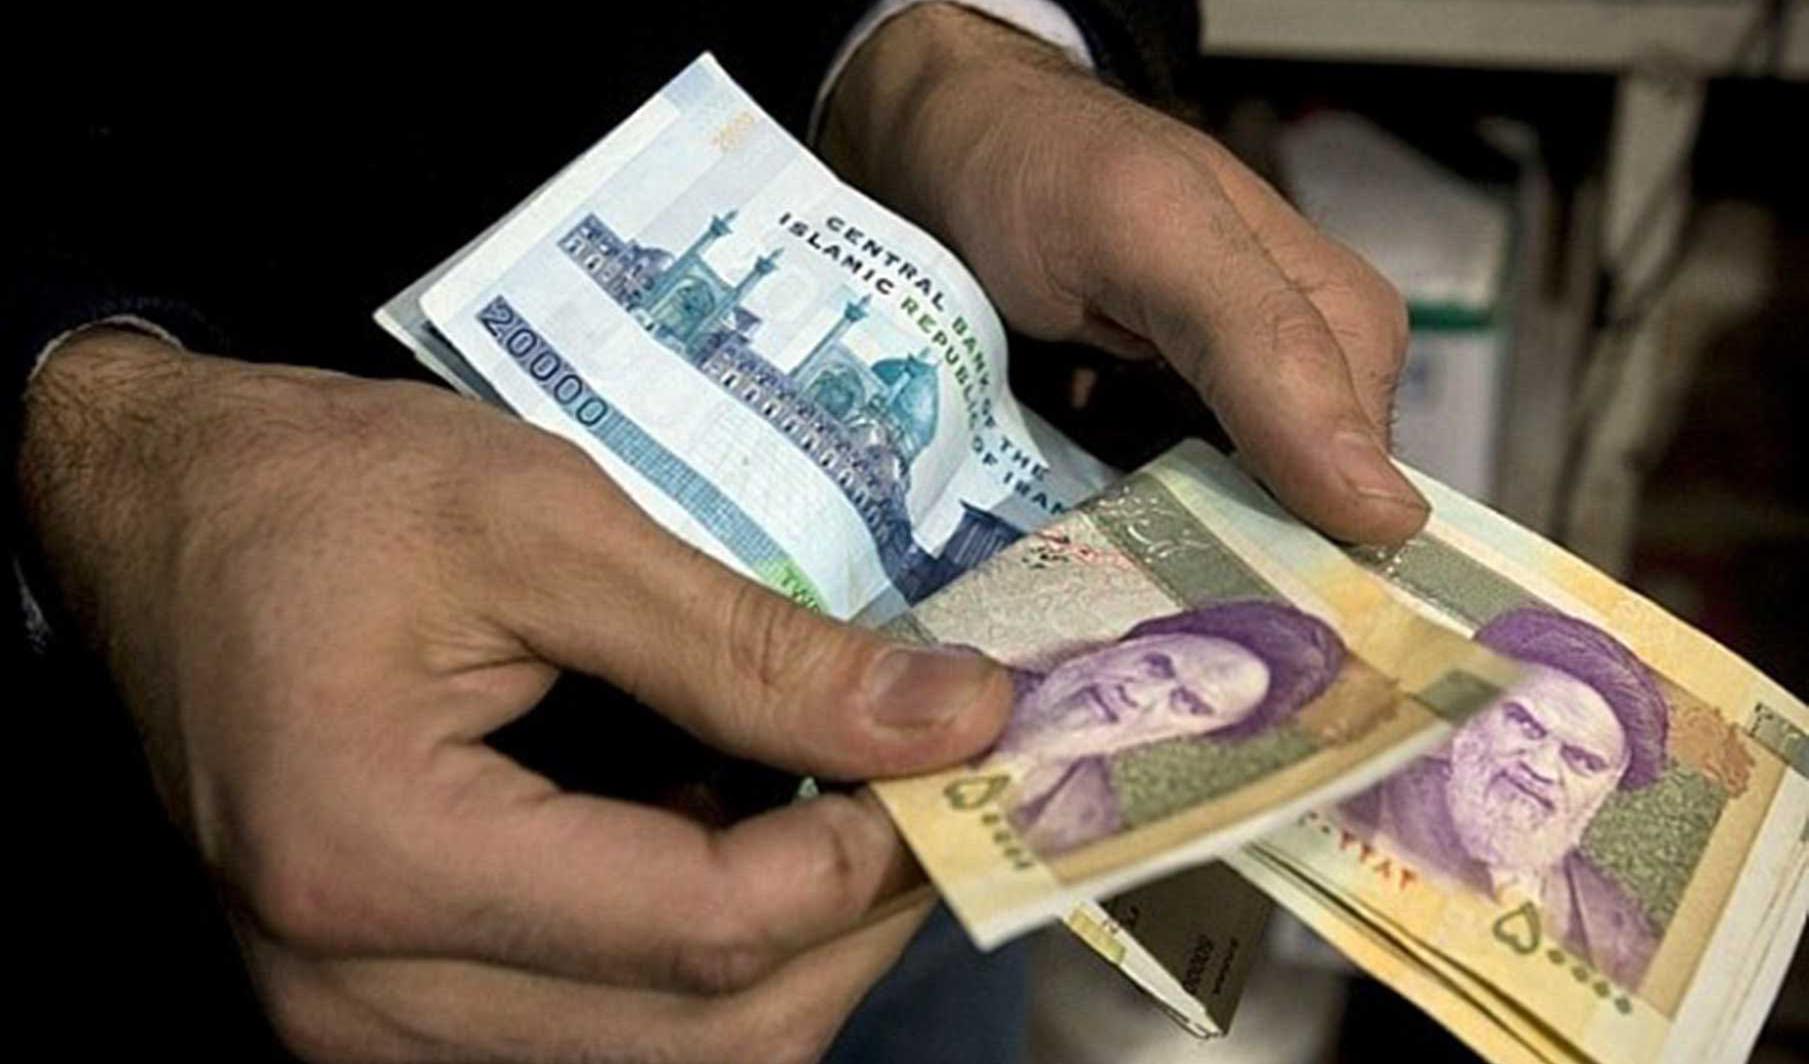 حداقل دستمزد برای کارگران باید سه میلیون و ۷۰۰ هزار تومان باشد